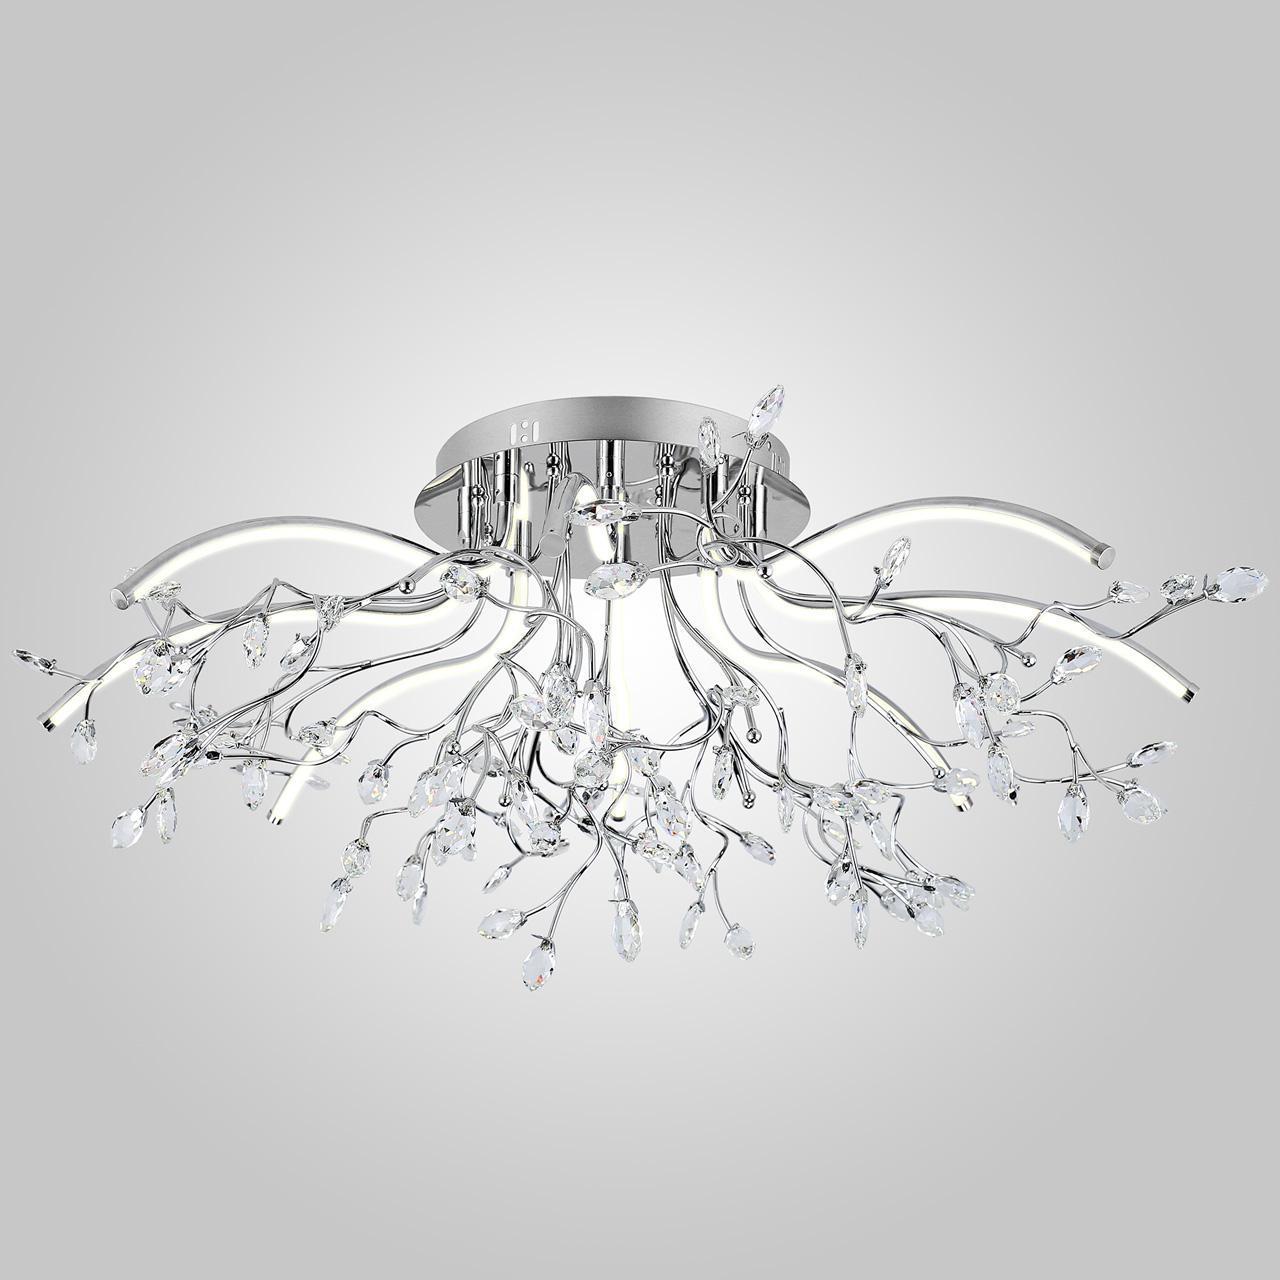 Потолочный светодиодный светильник Eurosvet 90036/8 хром потолочный светодиодный светильник eurosvet хай тек 90020 8 хром